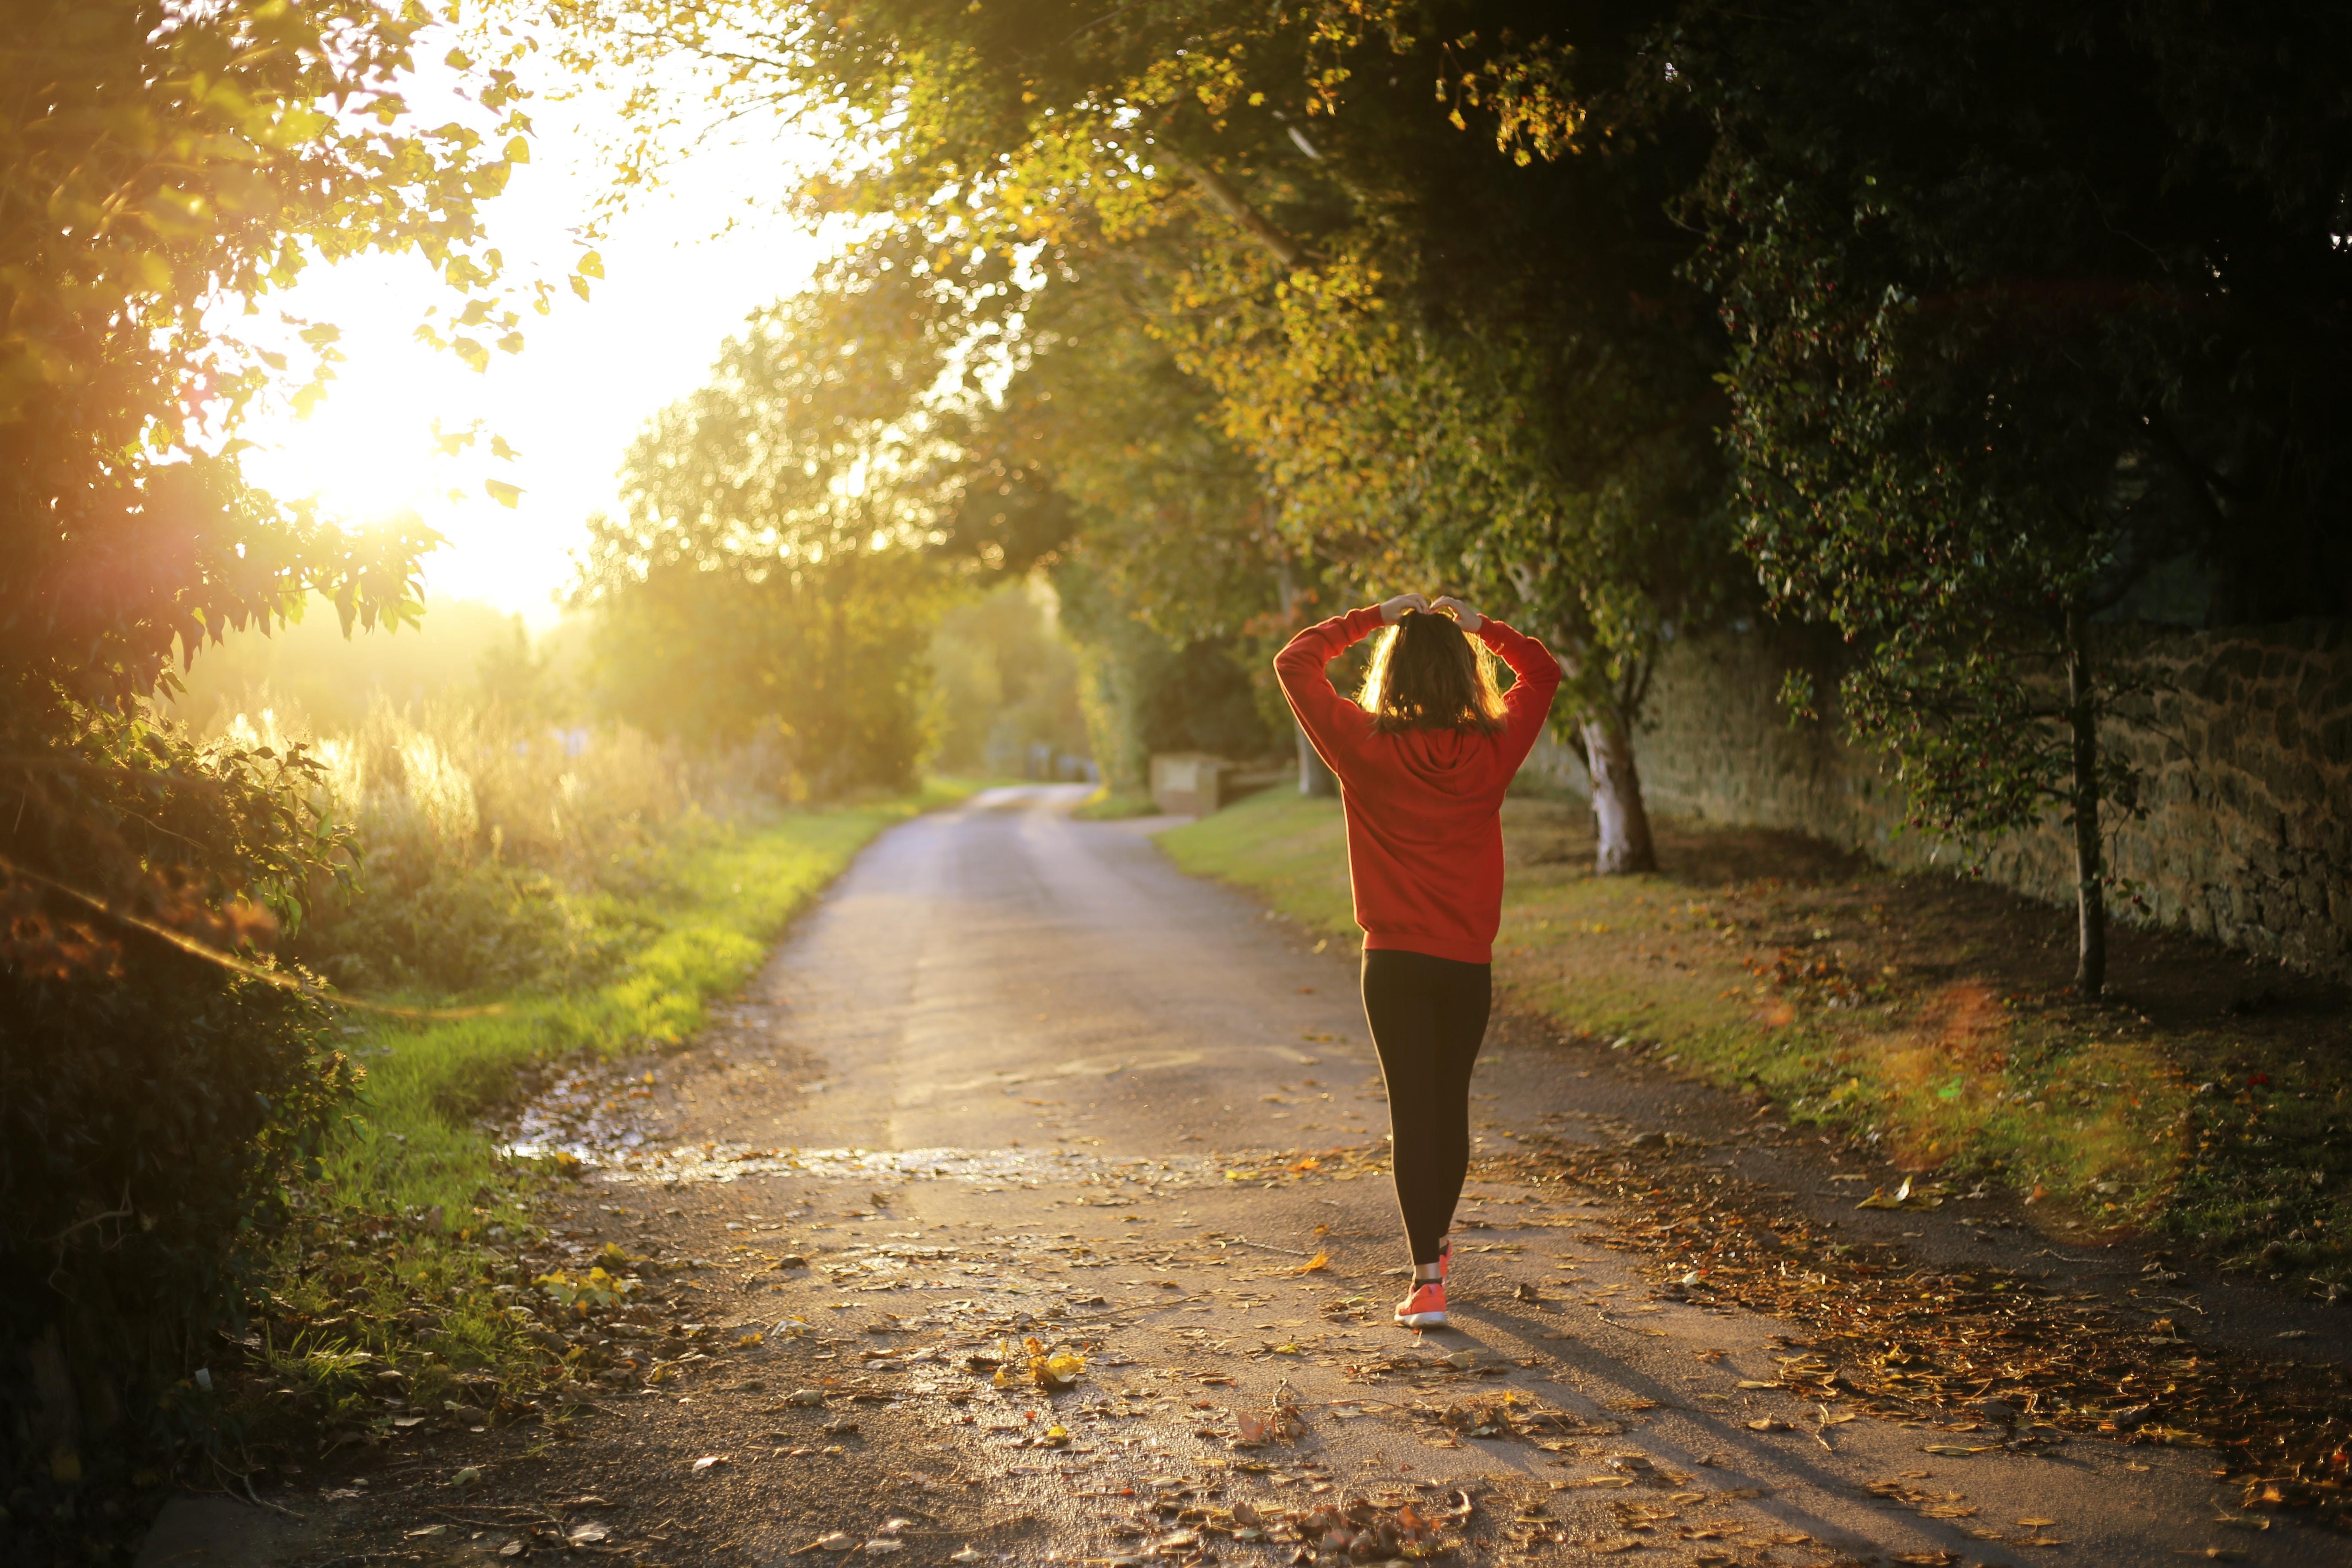 Cosa fare per mantenere la salute fino alla vecchiaia